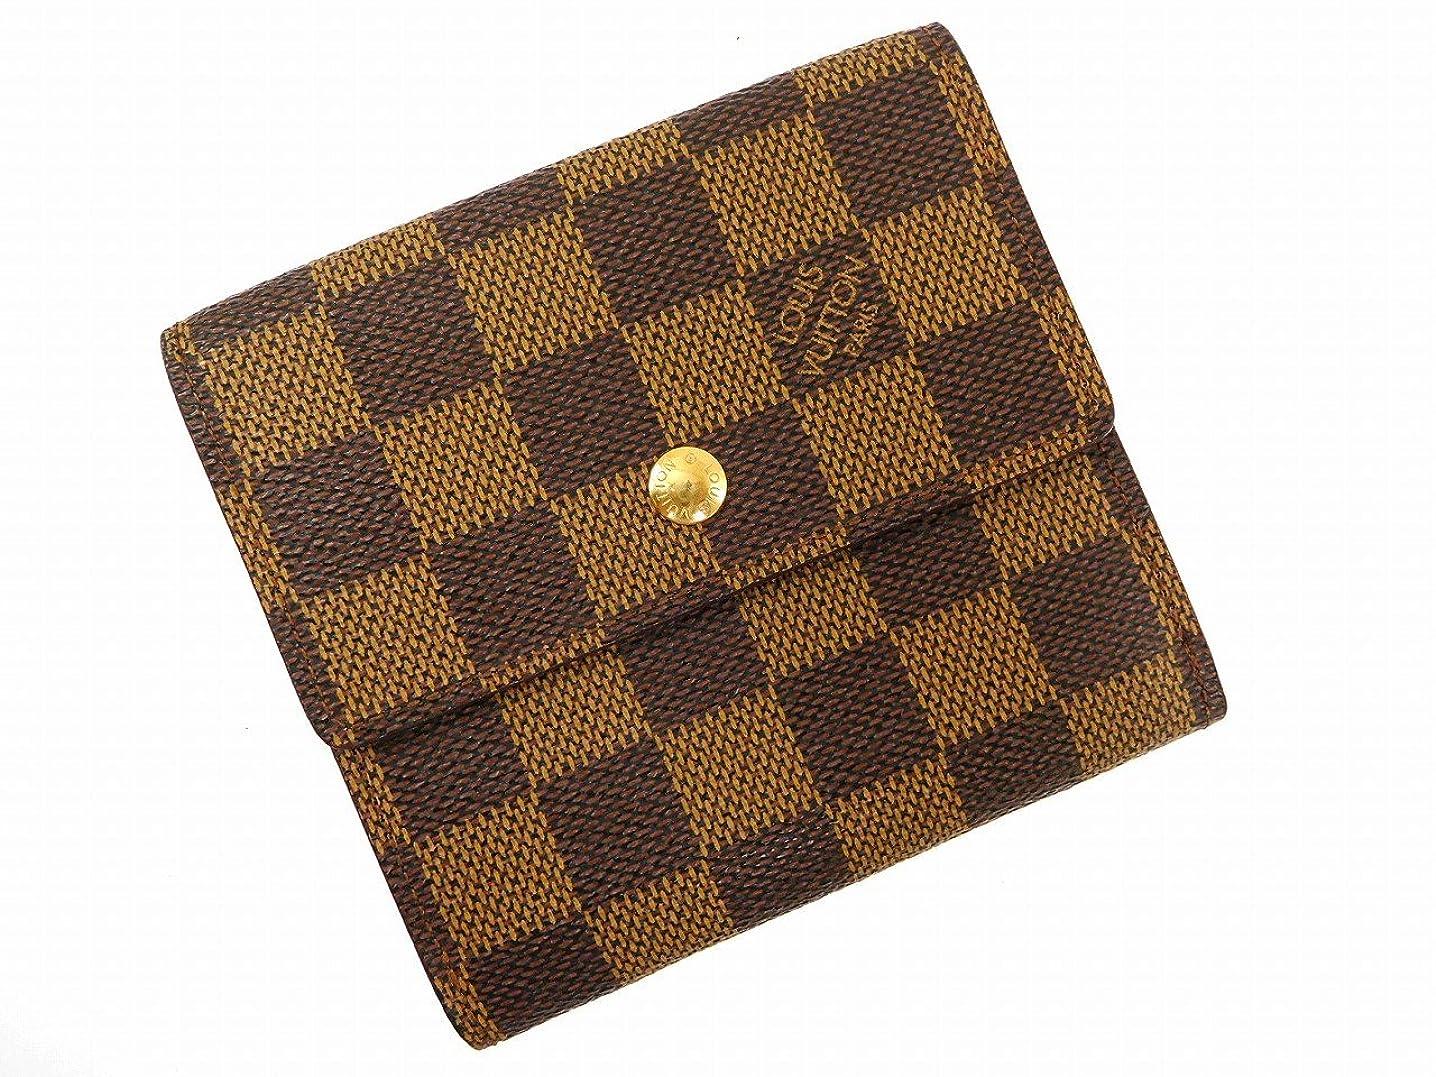 分類大宇宙洗練[ルイヴィトン] LOUIS VUITTON 二つ折り財布 ダミエ N61652 PVC×レザー X16002 中古